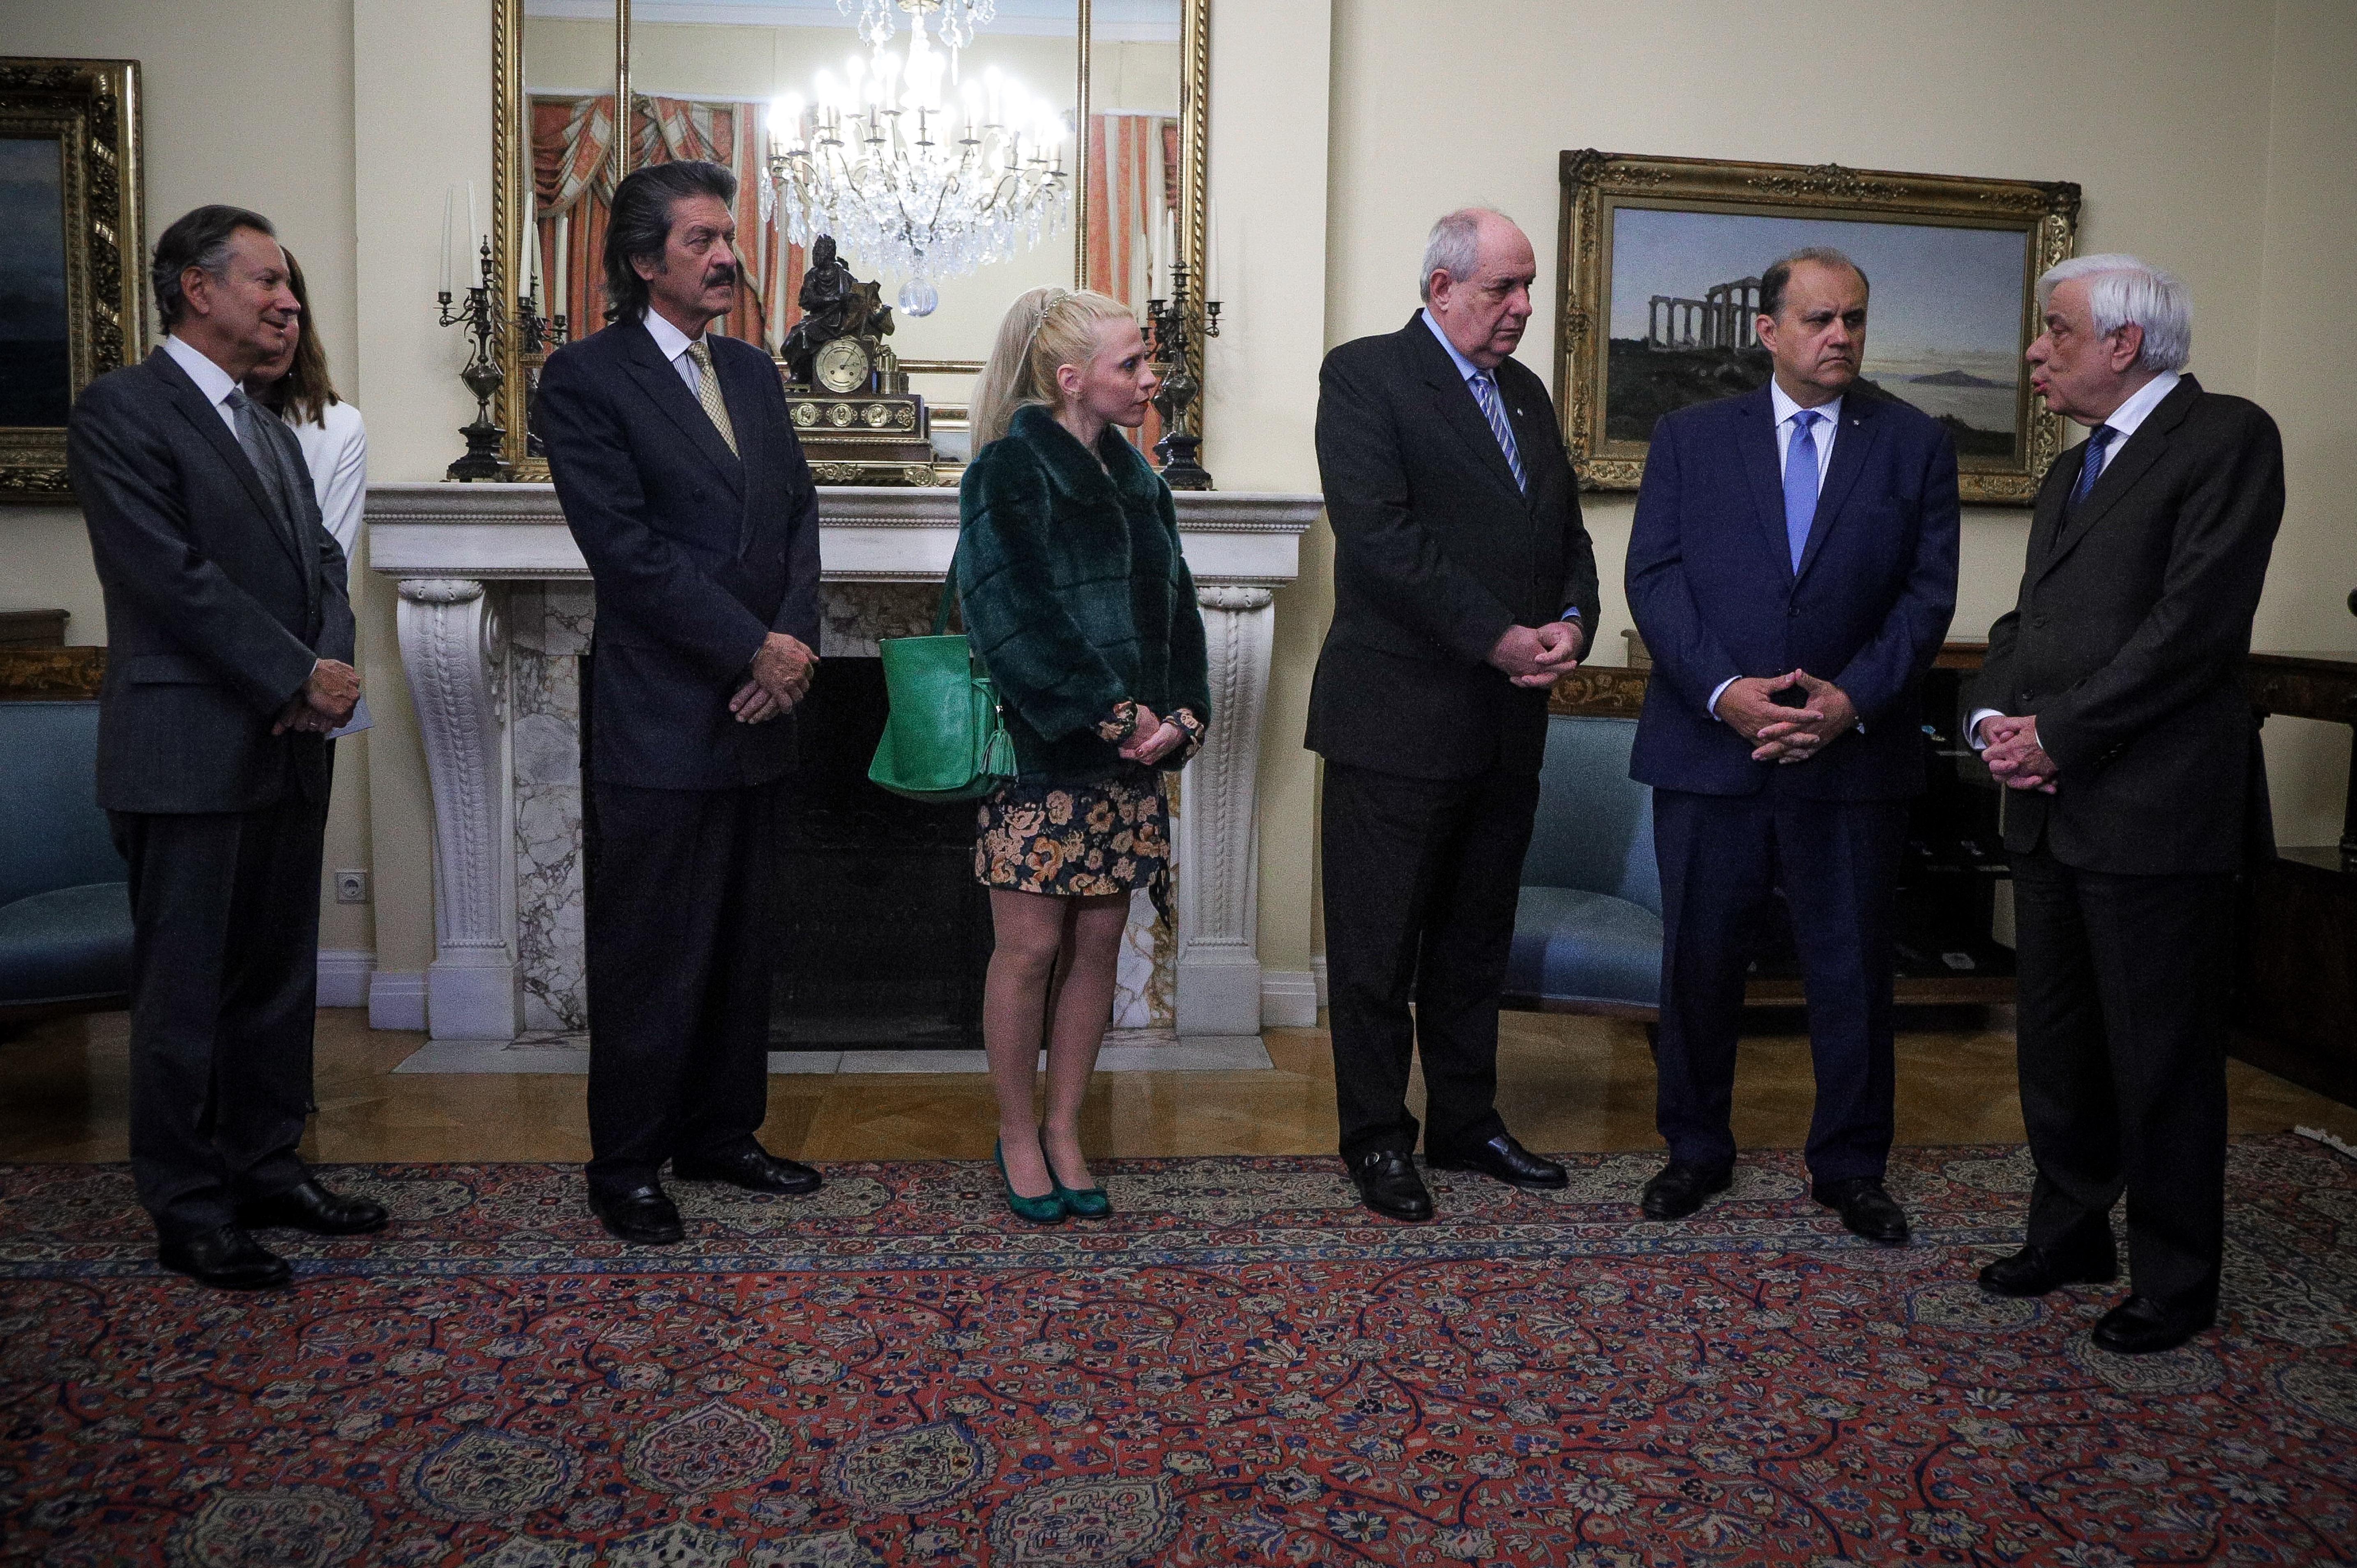 Συνάντηση του Προέδρου της Δημοκρατίας Προκόπη Παυλόπουλου, με Αντιπροσωπεία του Ελληνοαμερικανικού Ινστιτούτου (American Hellenic Institut) στα πλαίσια της ετήσιας επίσκεψής της στην Ελλάδα, με επικεφαλής τον Πρόεδρο και Γενικό Διευθυντή Nick Larigakis.